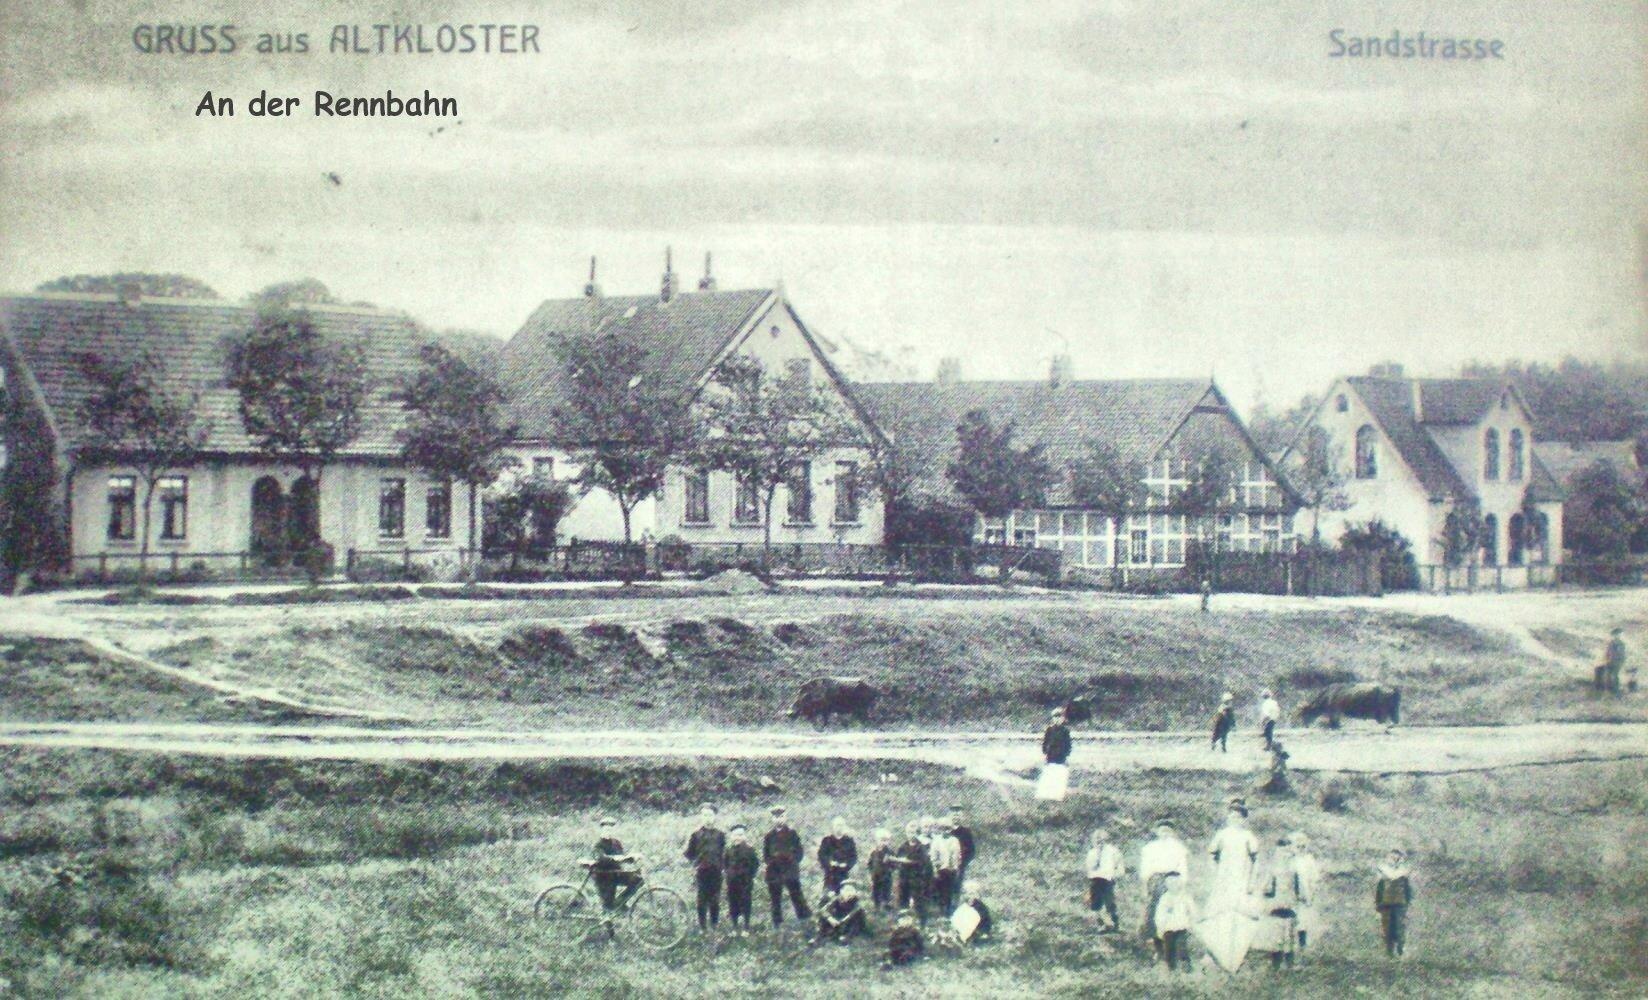 An der Rennbahn Postkarte Sandstraße jetzt Jahnstadion